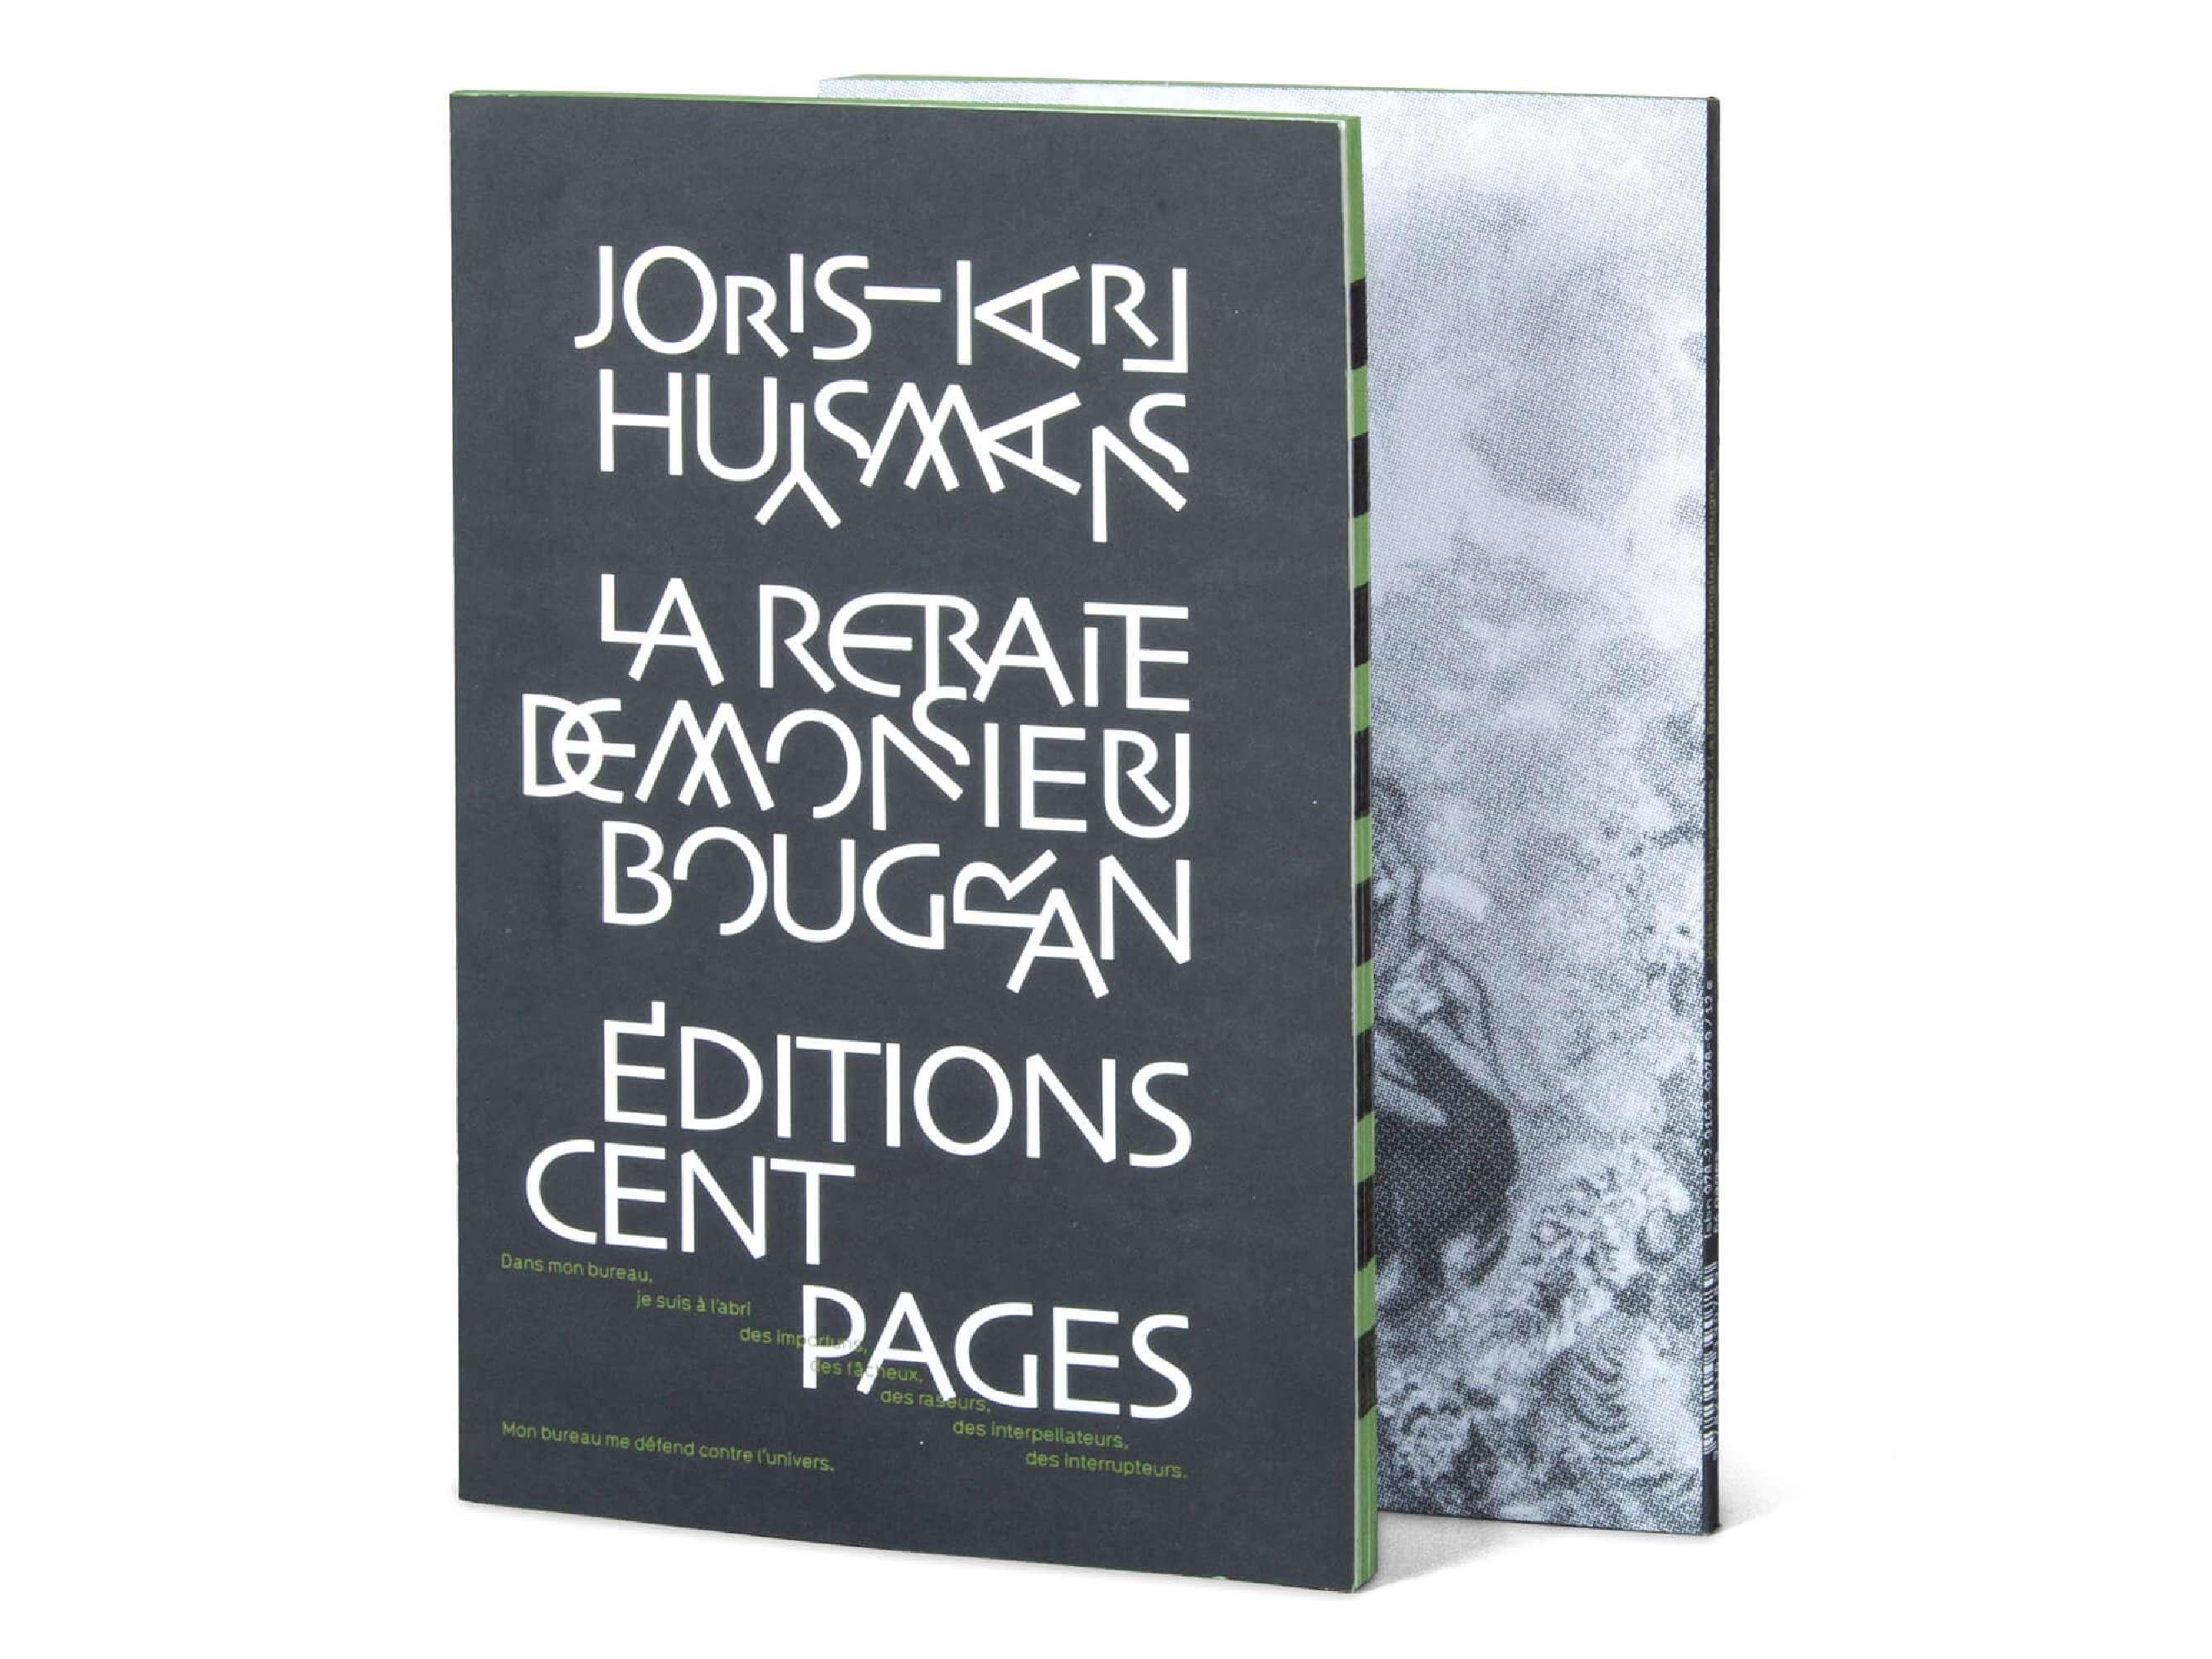 Couverture du livre La retraite de Mr Bougran de Joris-Karl Huysmans édité par les éditons Cent pages